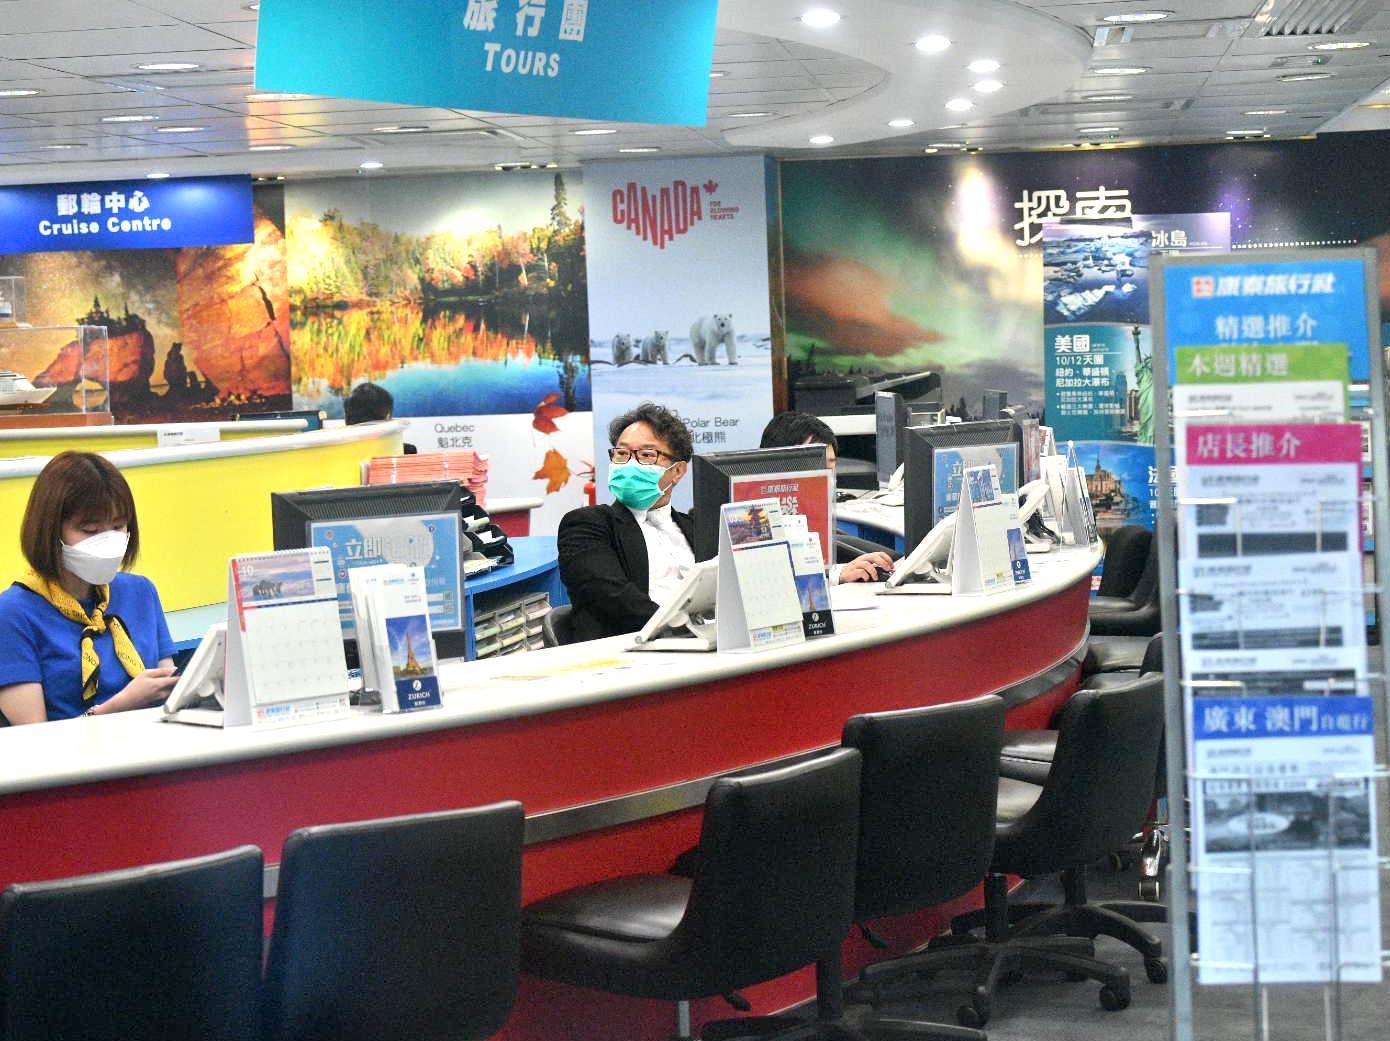 紐西蘭收緊入境限制 康泰及縱橫遊取消下月15日前出發旅行團